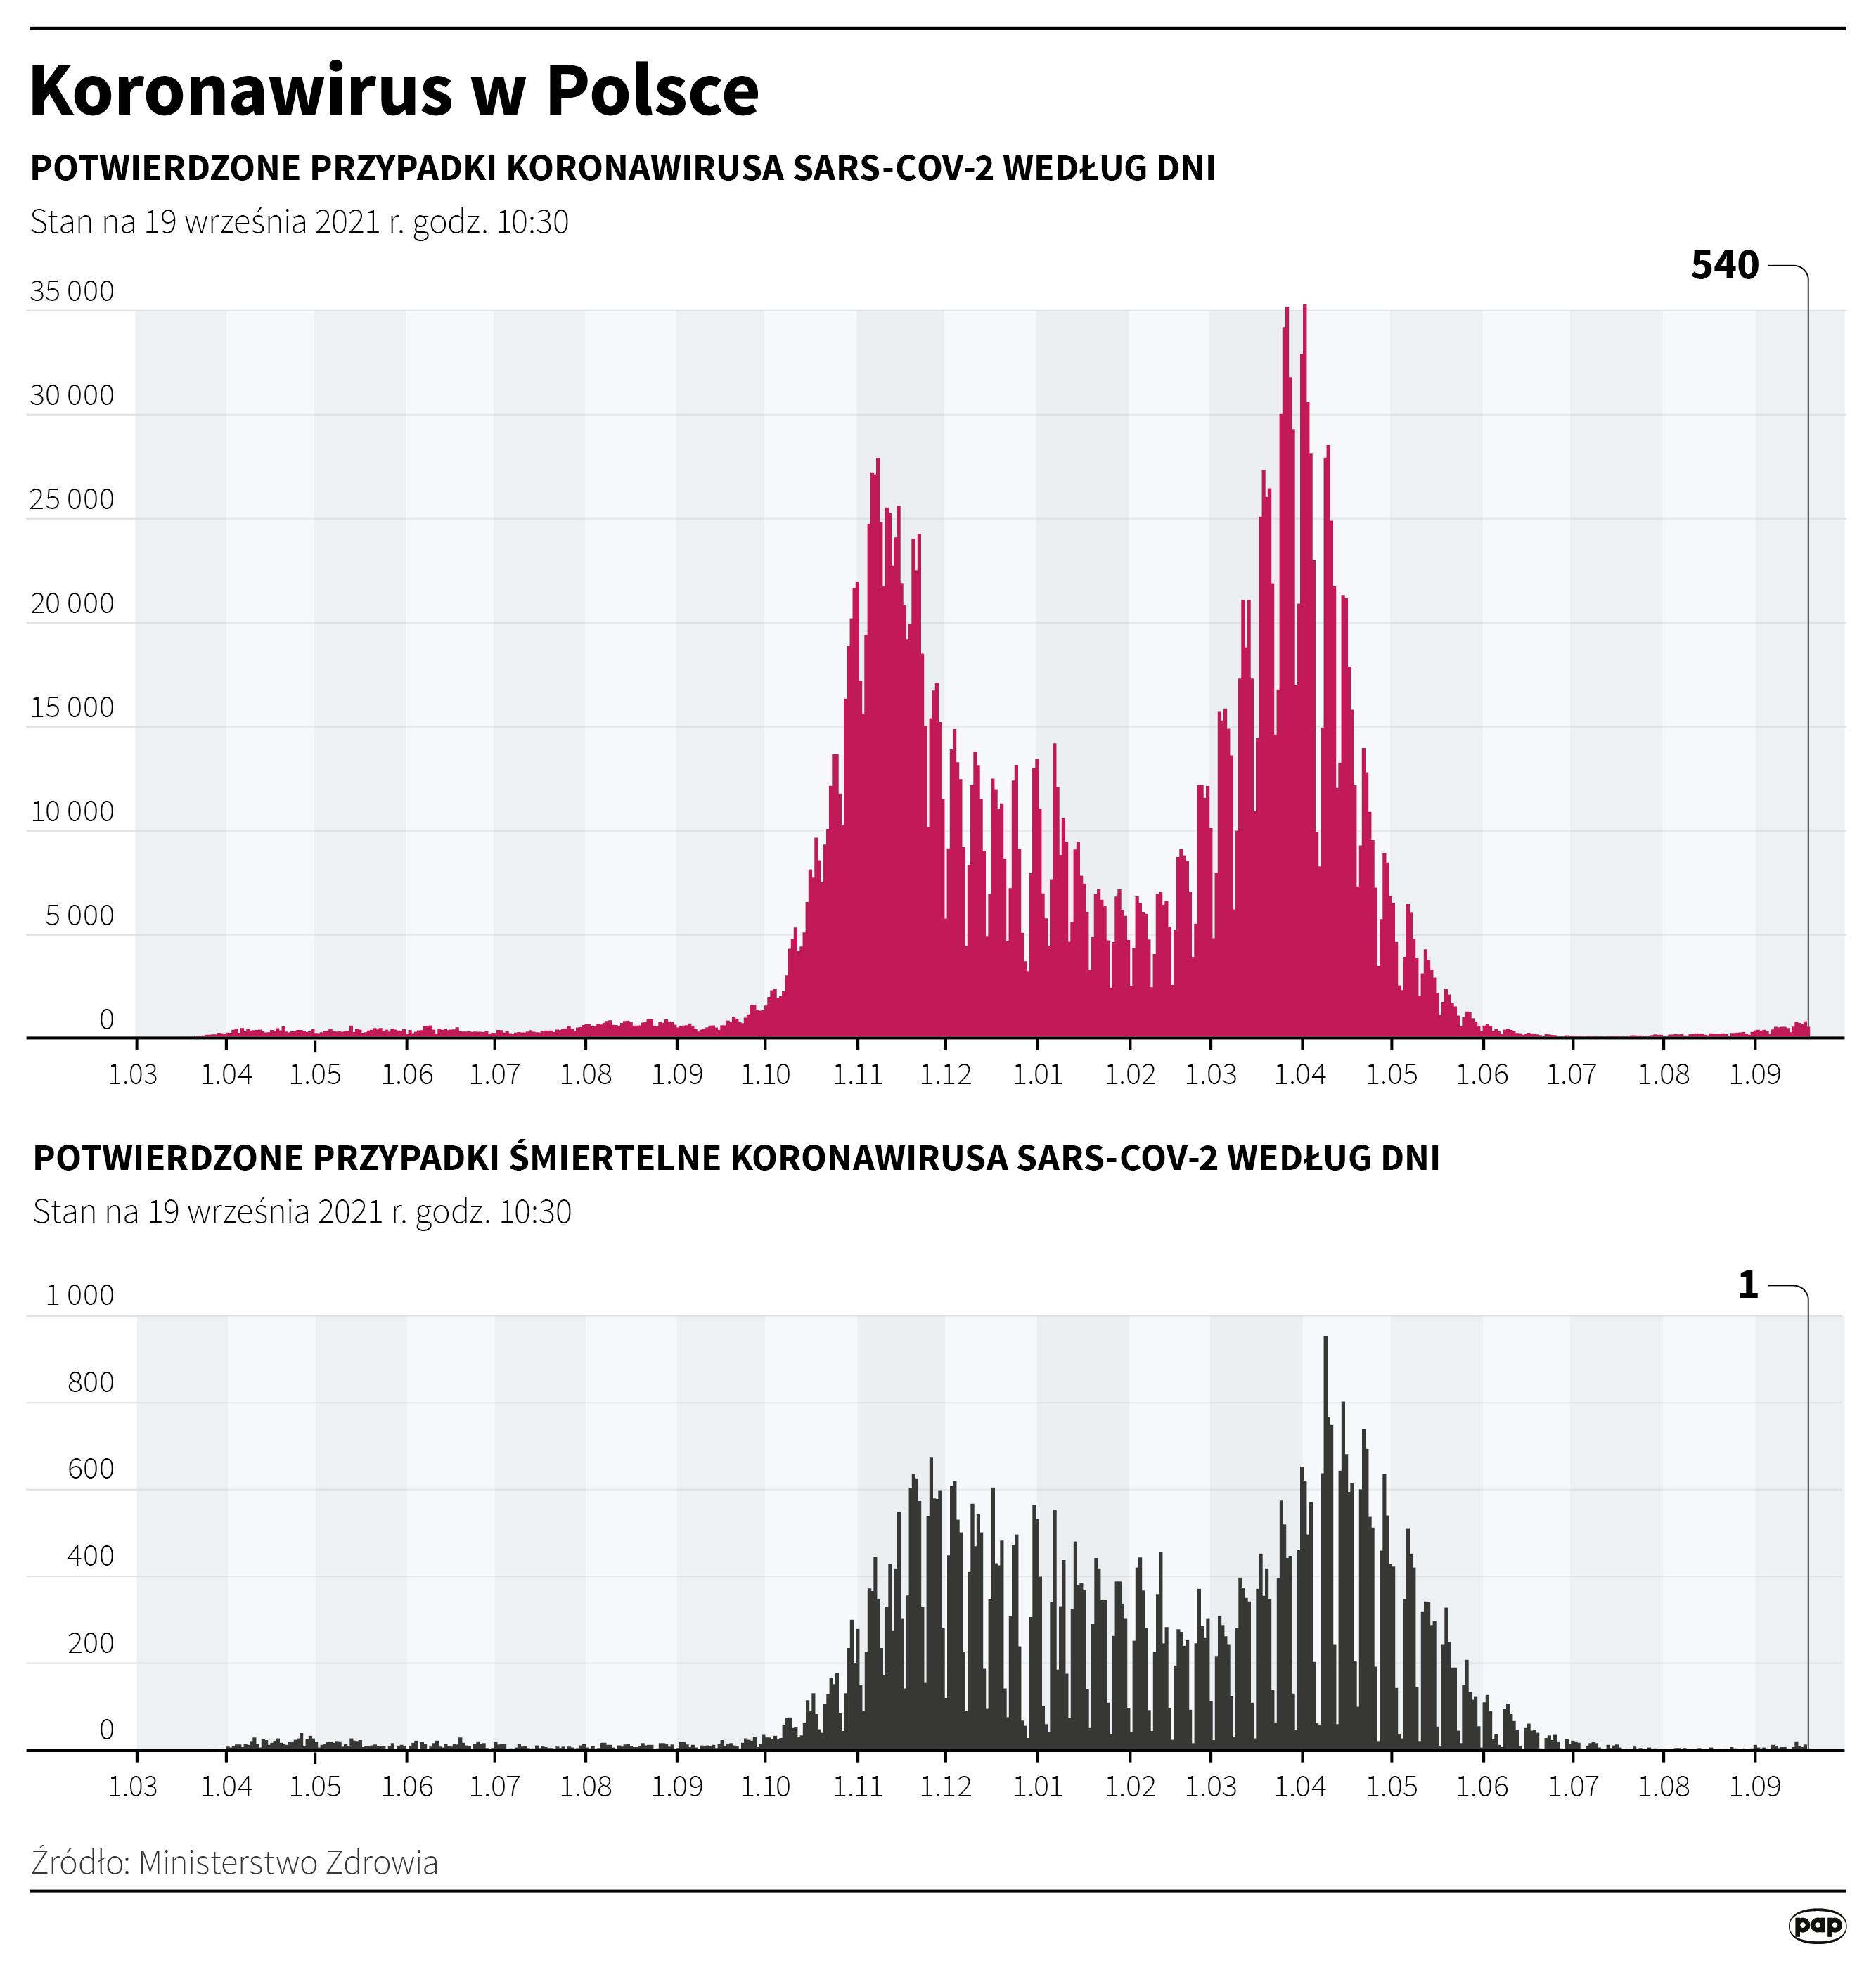 Tytuł Koronawirus w Polsce - stan na 19 września [Autor: Maciej Zieliński, źródło: PAP]